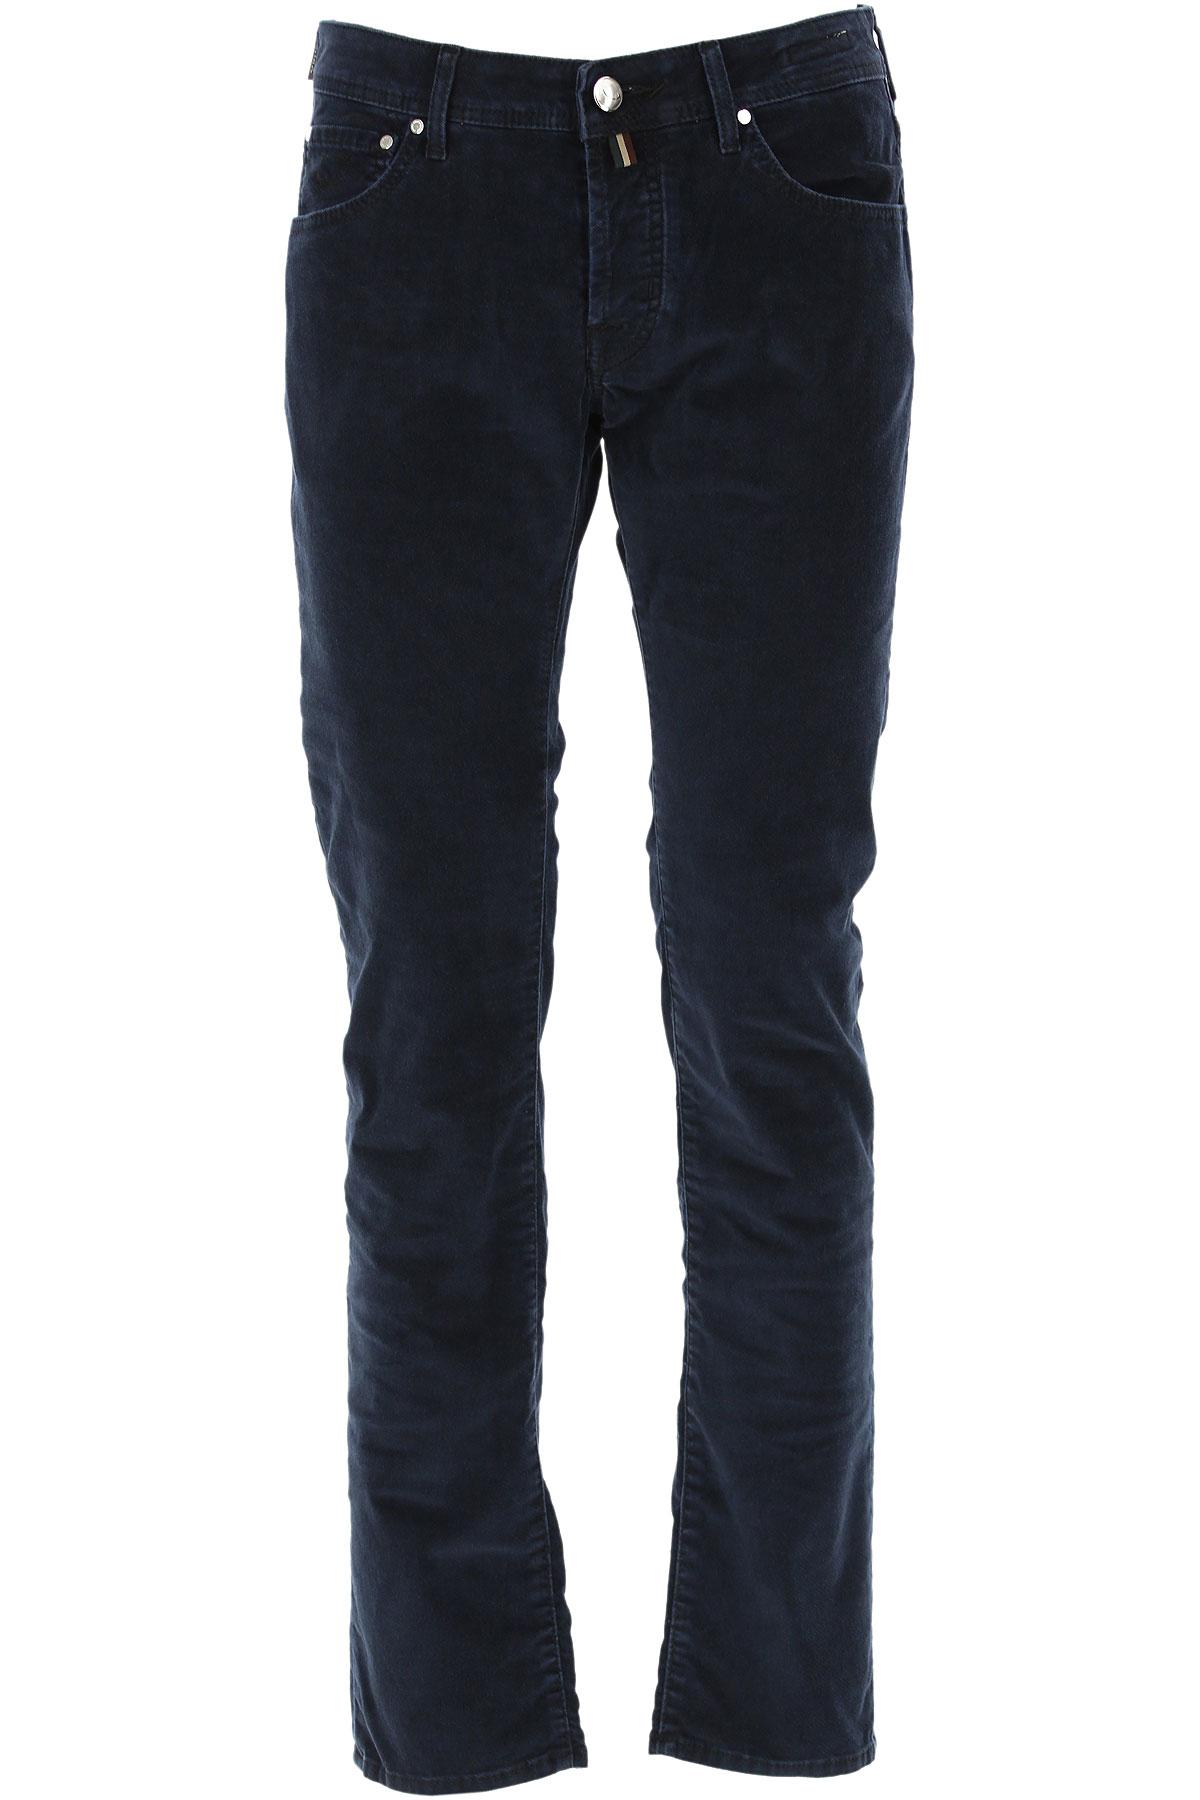 Jacob Cohen Jeans On Sale, blackboard, Cotton, 2019, 33 35 36 38